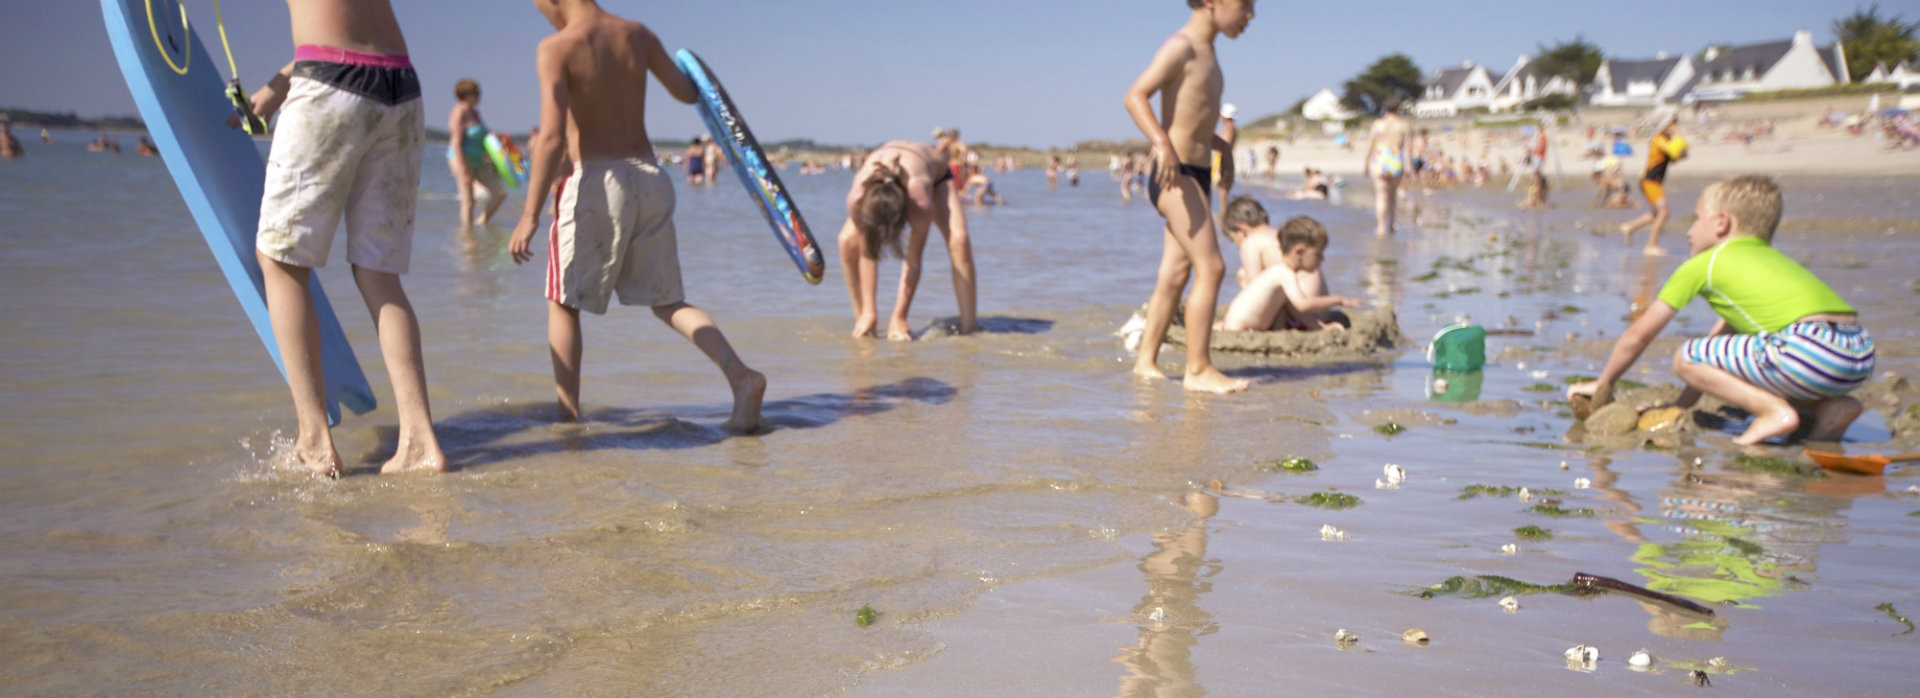 Les bons gestes à la plage - Teddy Locquard